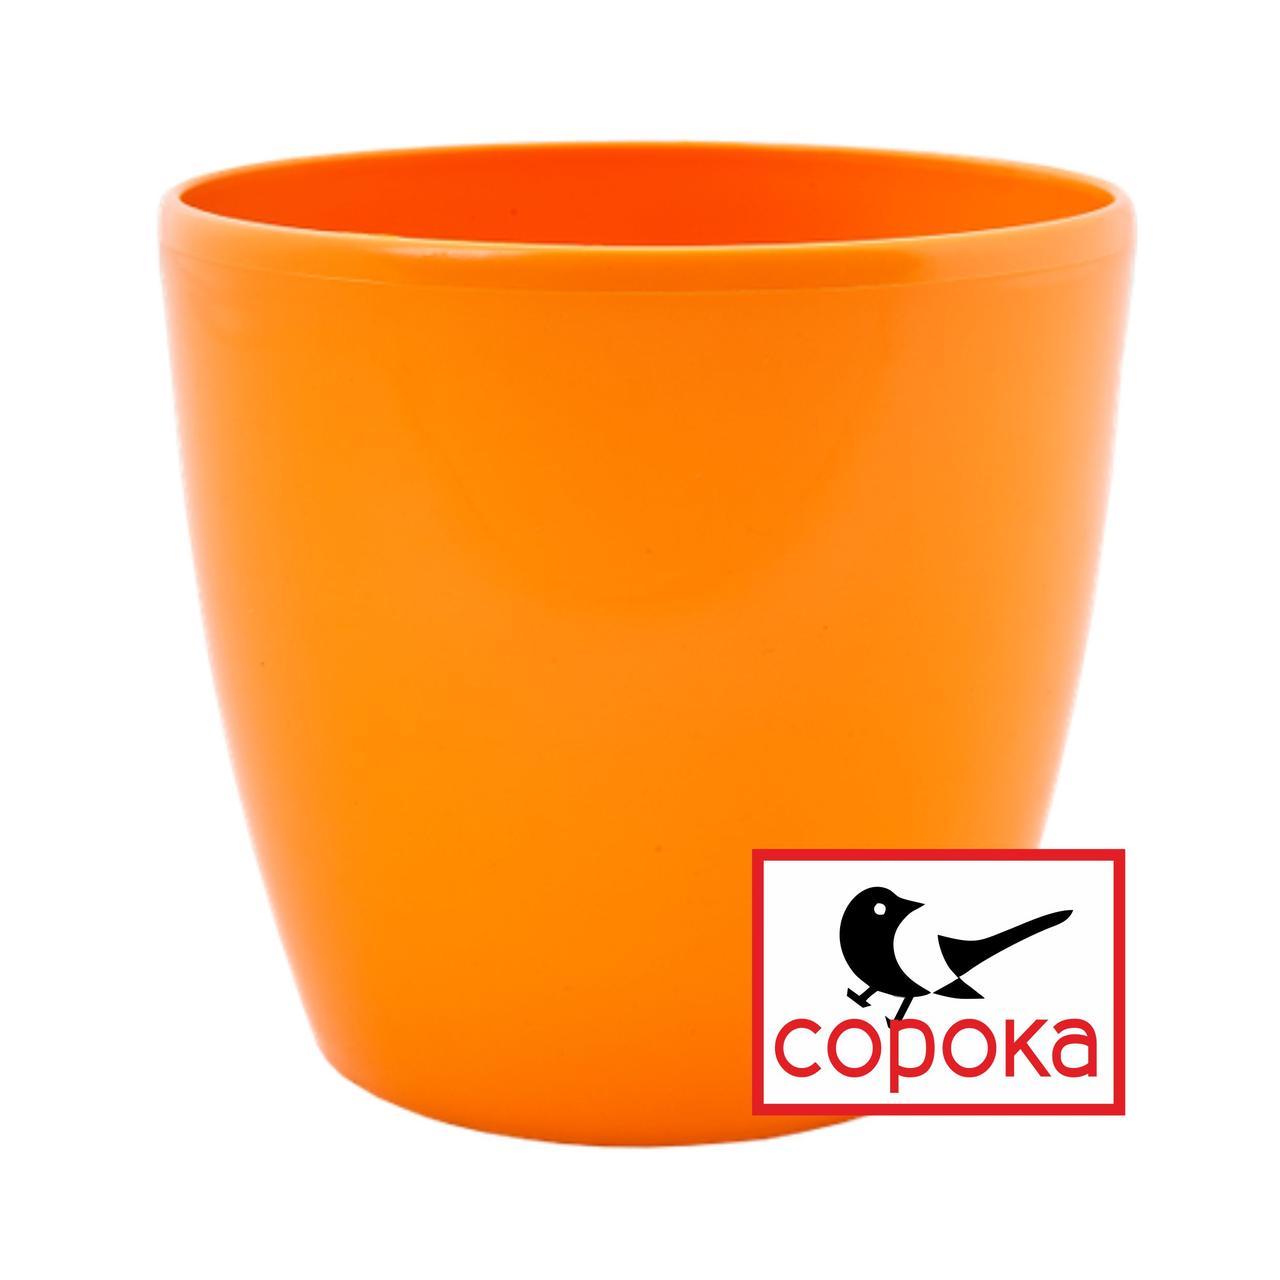 Вазон для цветов Алеана Матильда 7*6см оранжевый 0,3л (Горшок для цветов пластиковый Алеана Матильда)